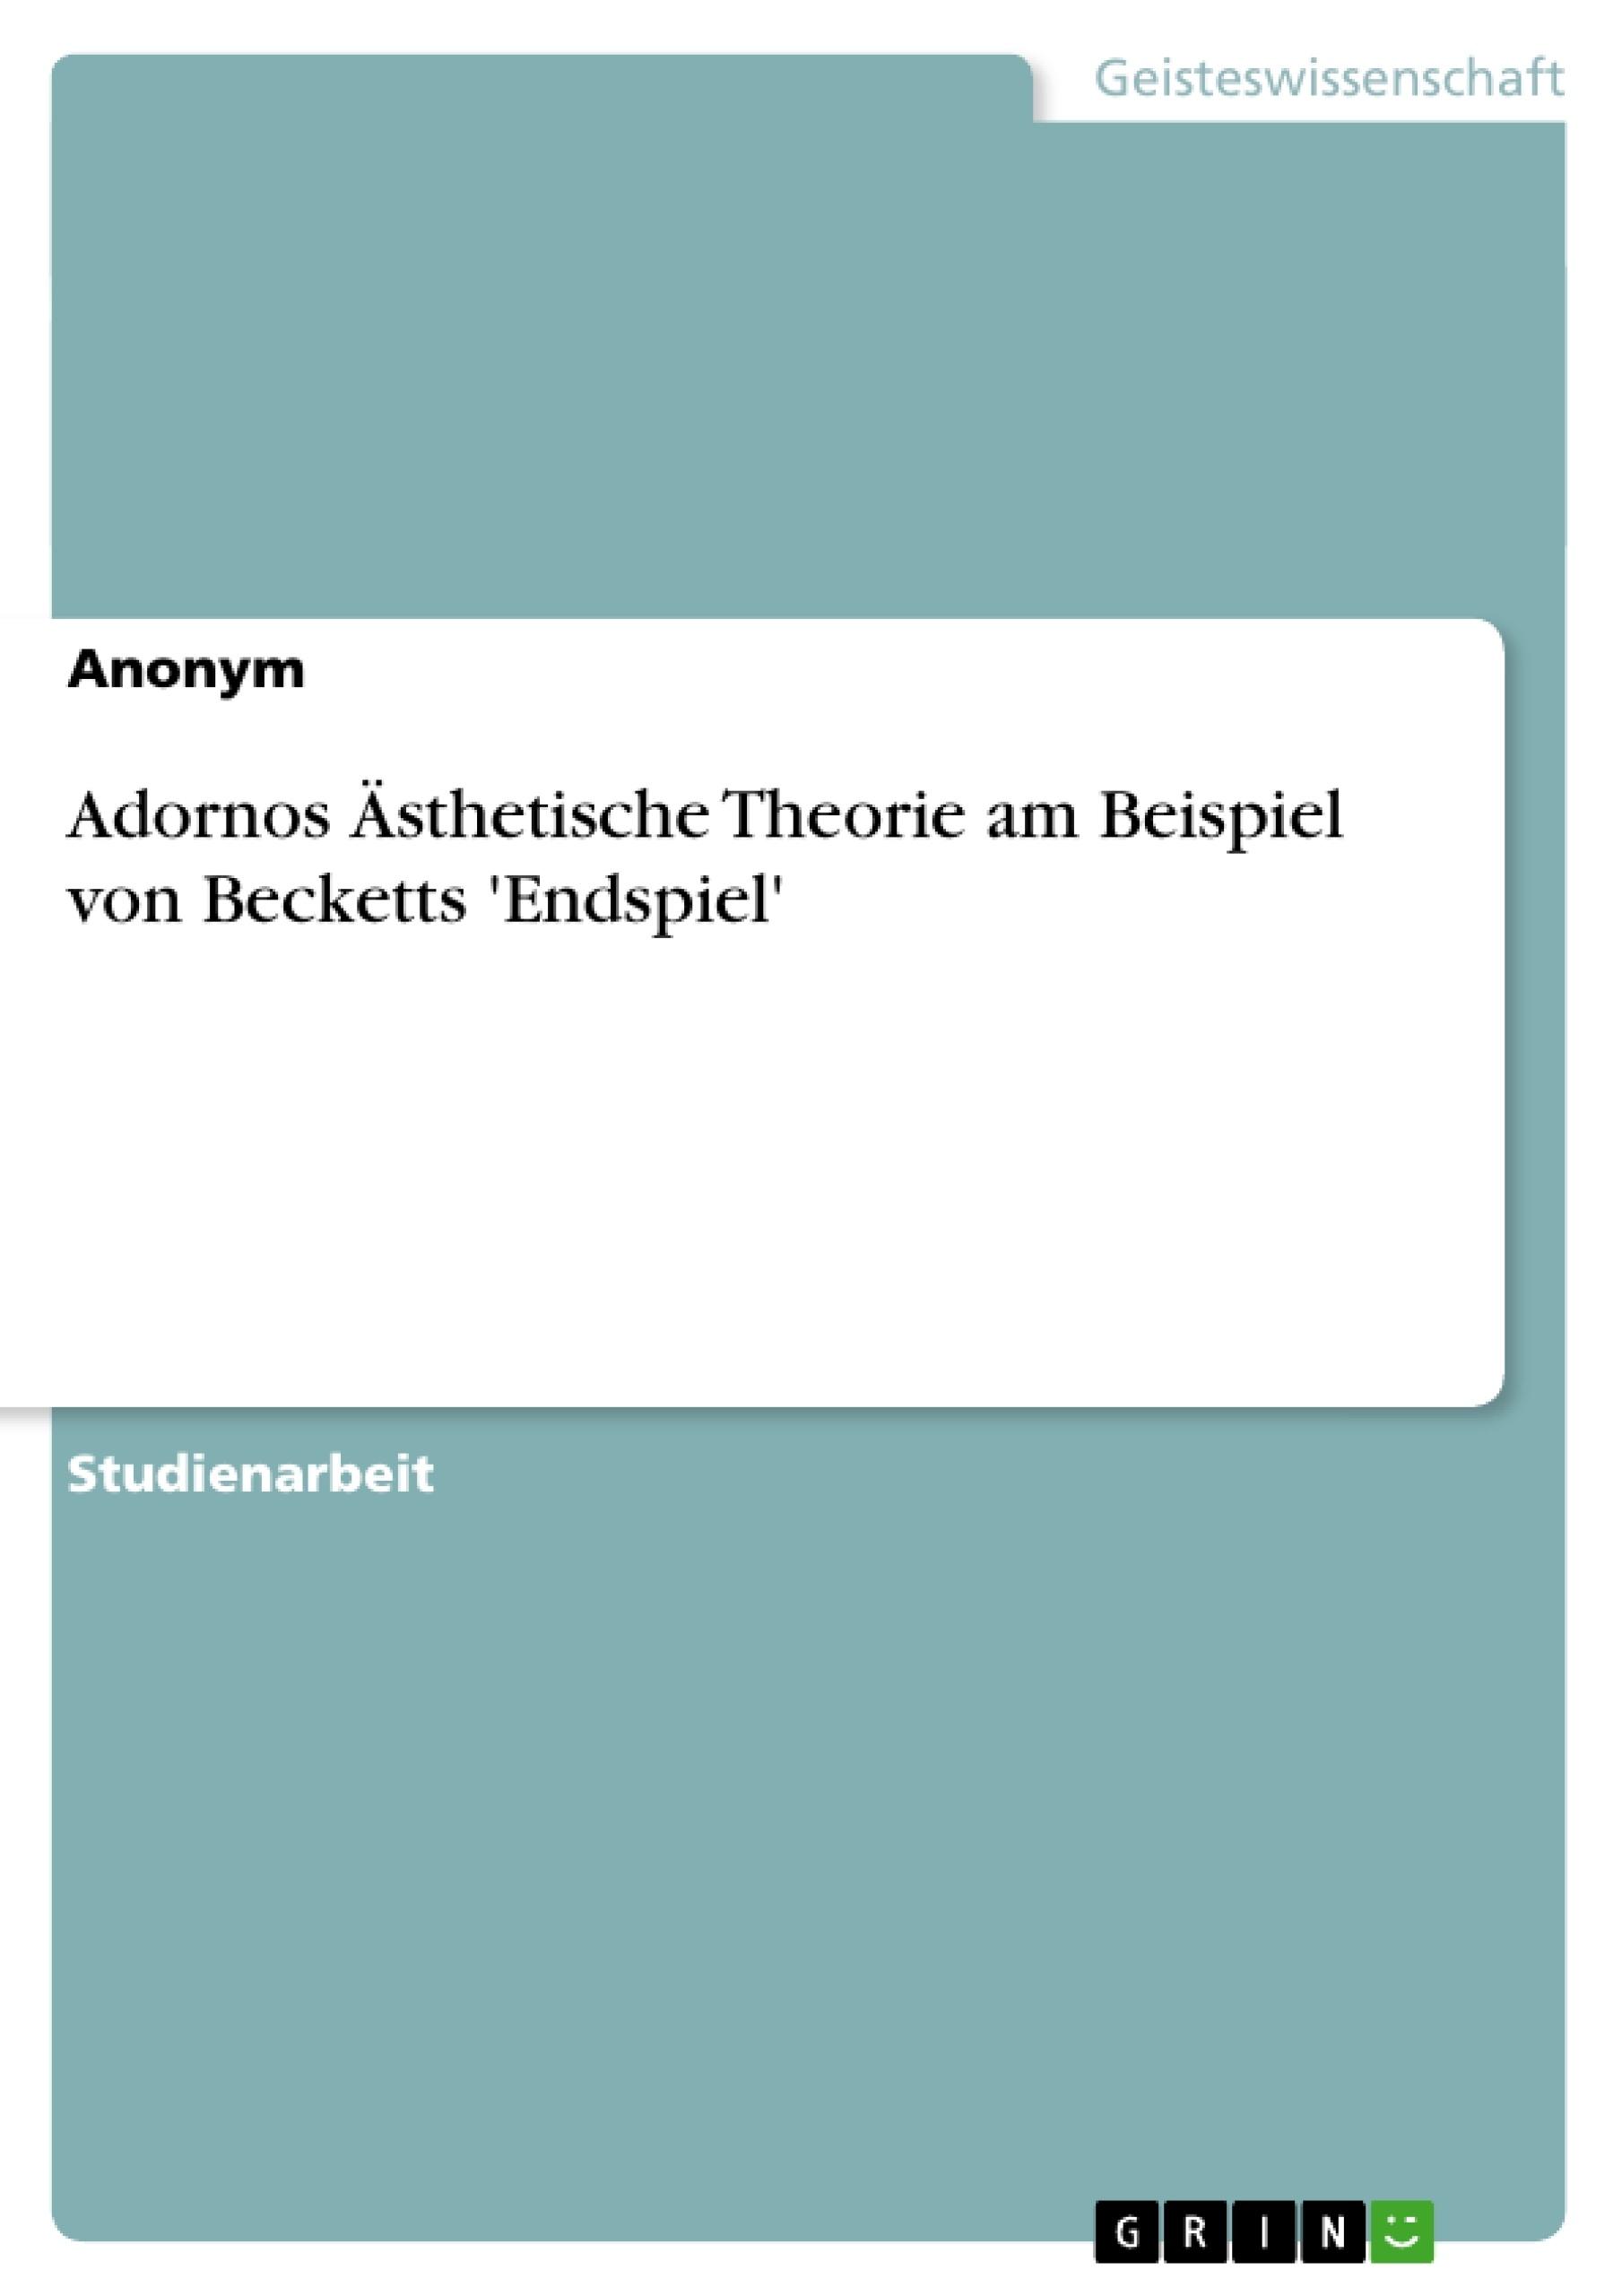 Titel: Adornos Ästhetische Theorie am Beispiel von Becketts 'Endspiel'